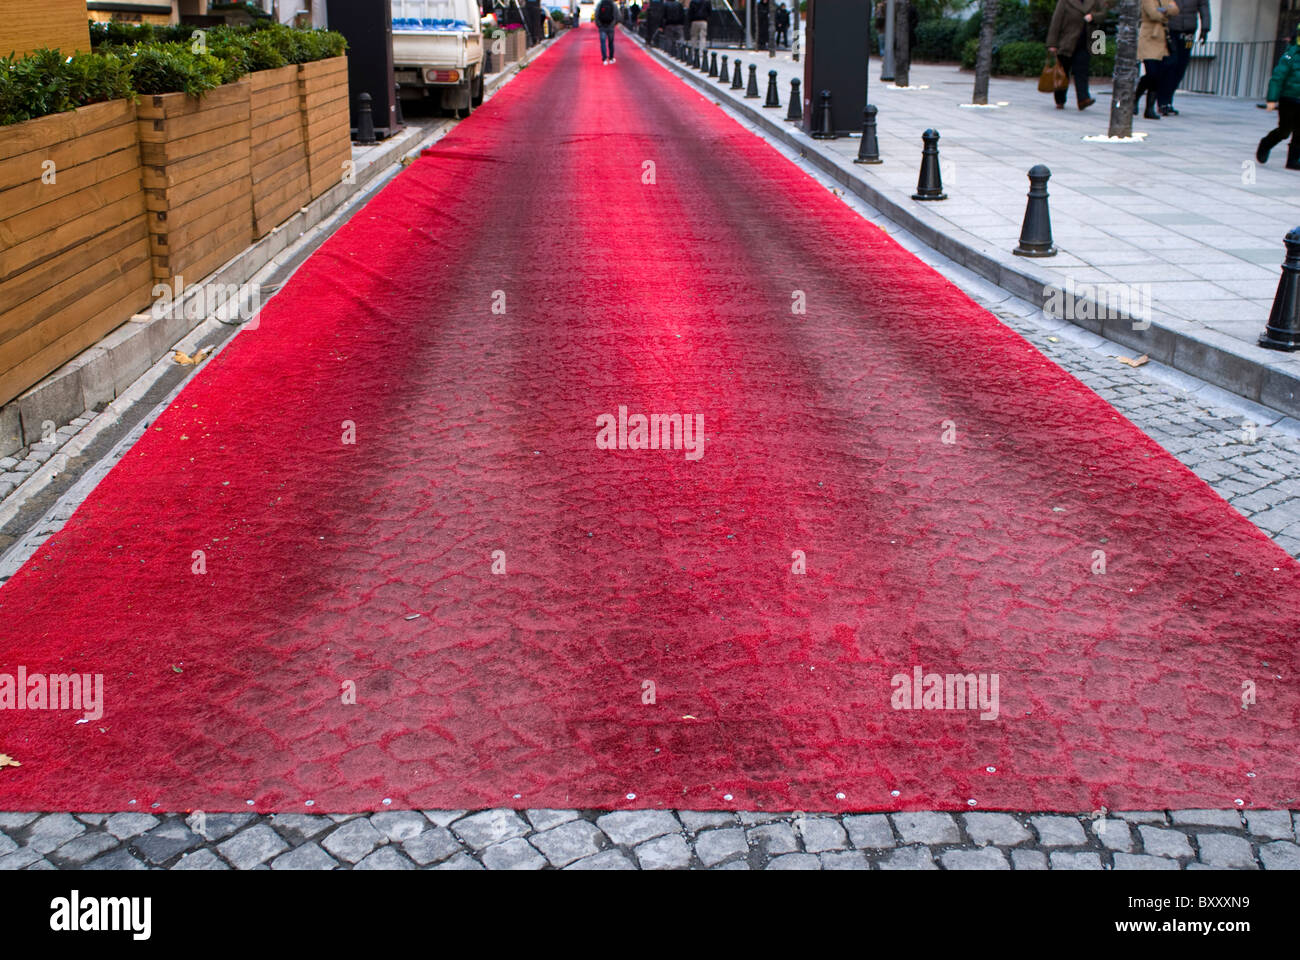 Roter Teppich auf Straße Stockbild